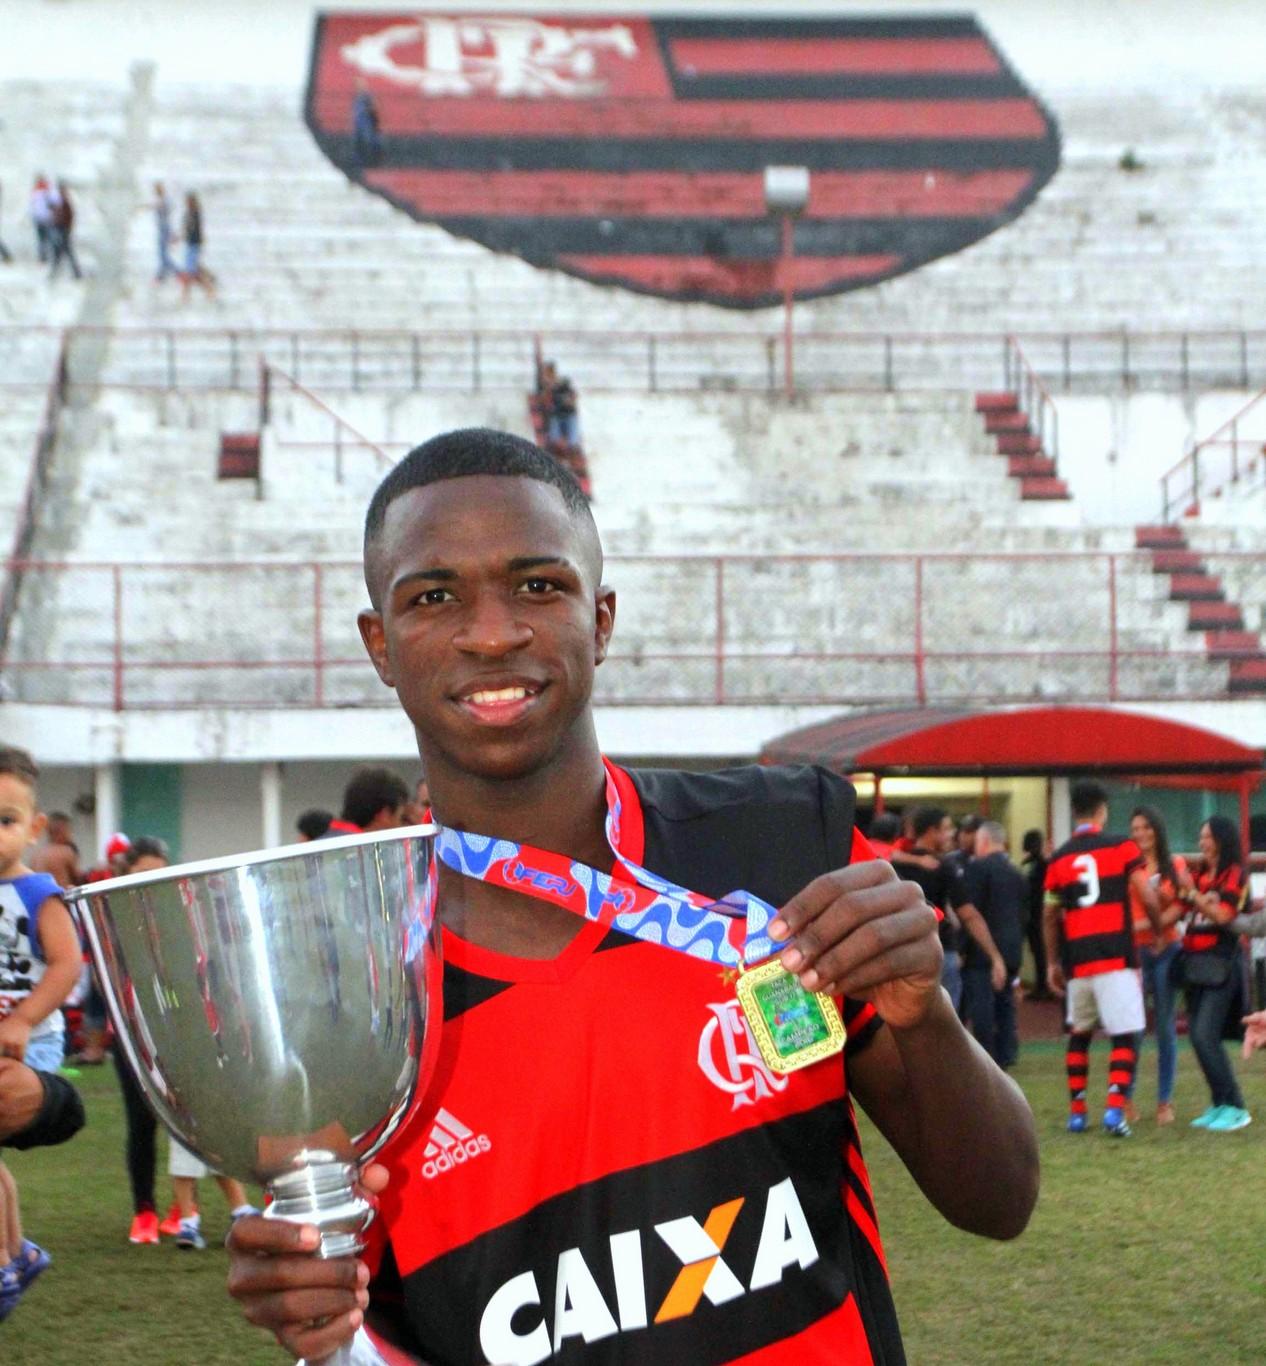 Flamengo Já Sabe Como Irá Gastar Dinheiro Da Venda De